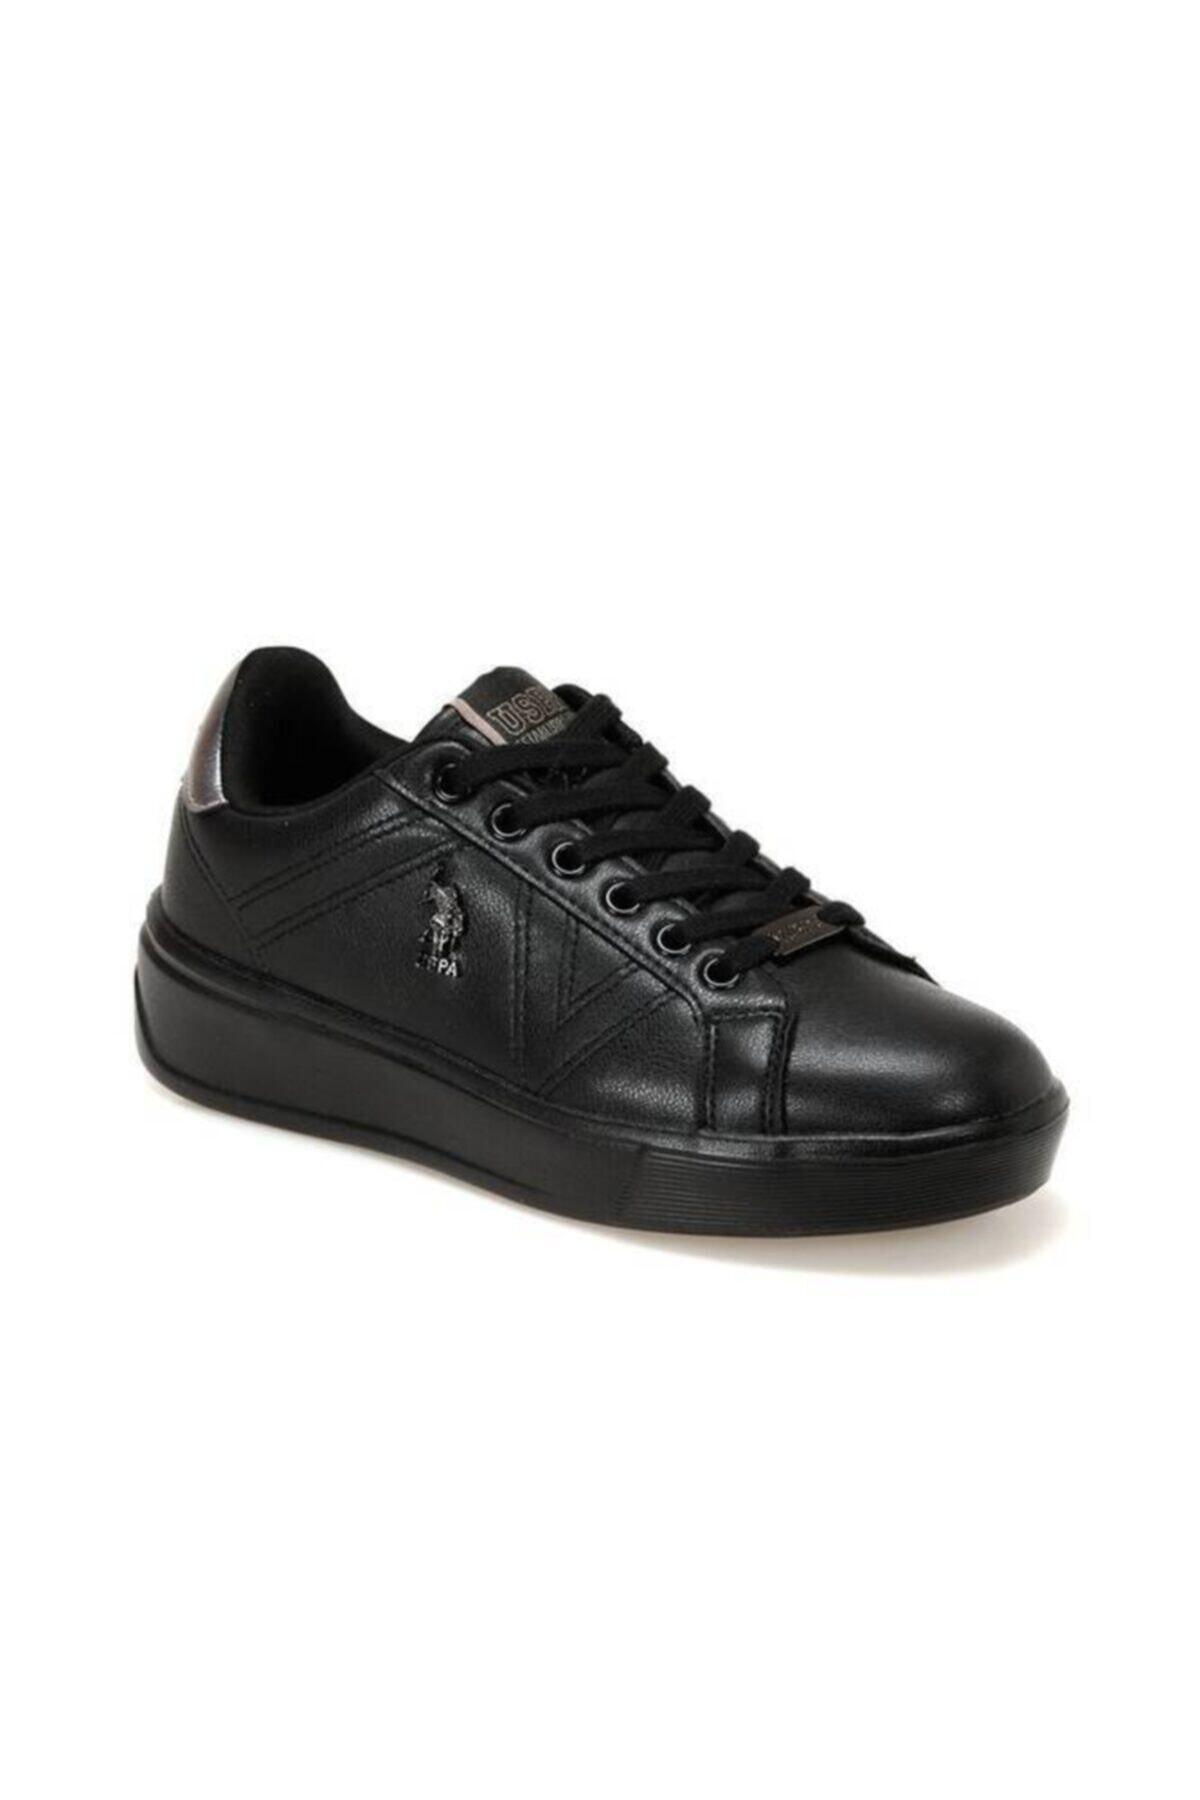 U.S. Polo Assn. Kadın Siyah Ayakkabı 1